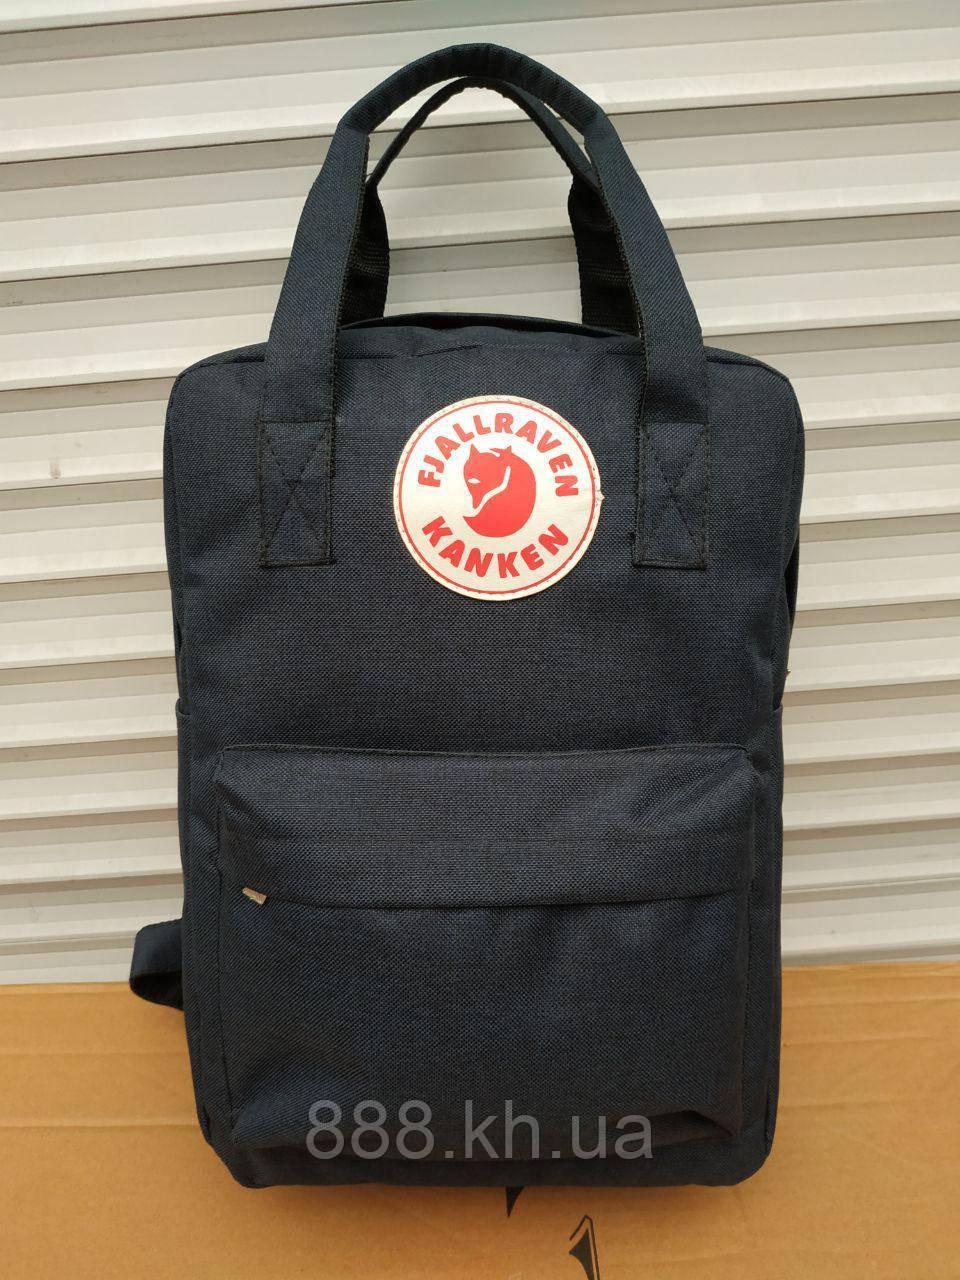 Стильный рюкзак, сумка Fjallraven Kanken, для прогулок и спорта (темно-серый)